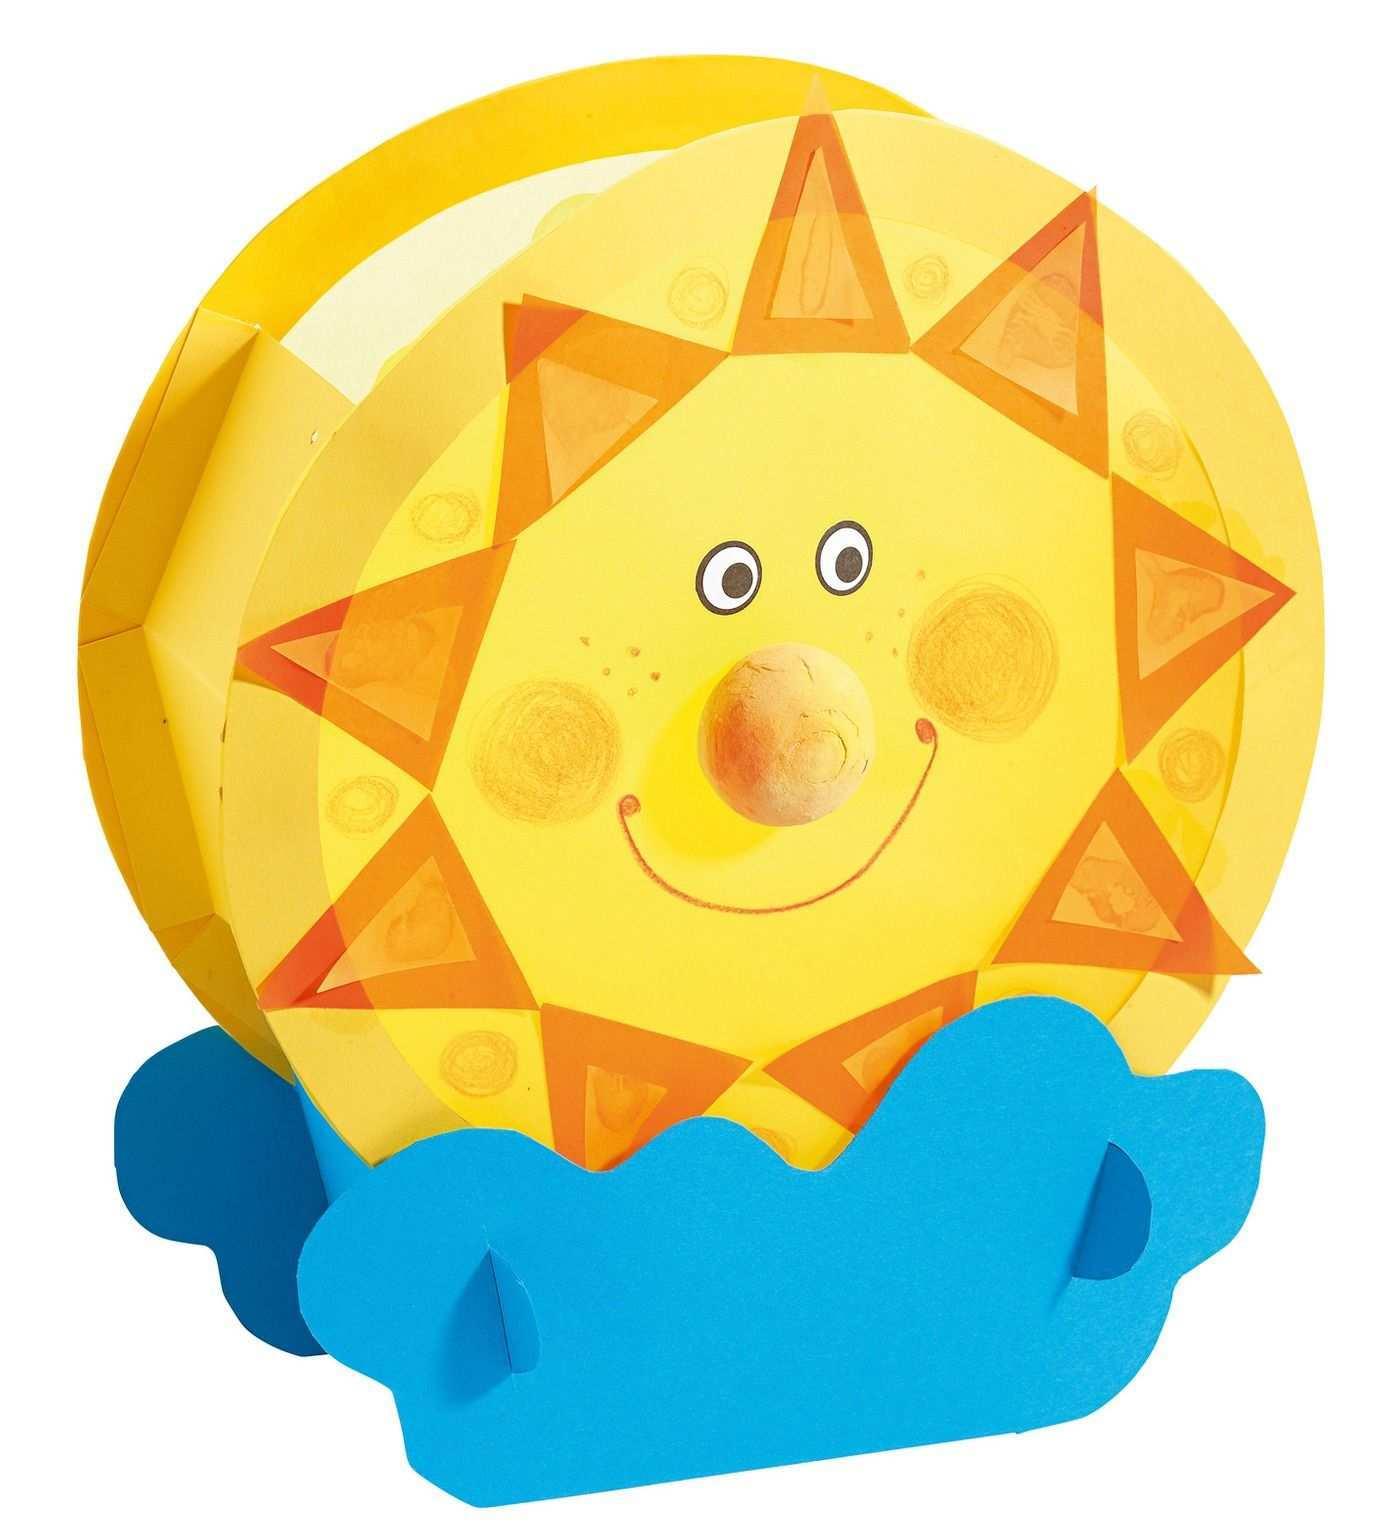 Sonne Mond Laternen Online Bestellen Jako O Sonne Basteln Laternen Basteln Laternen Bastelset